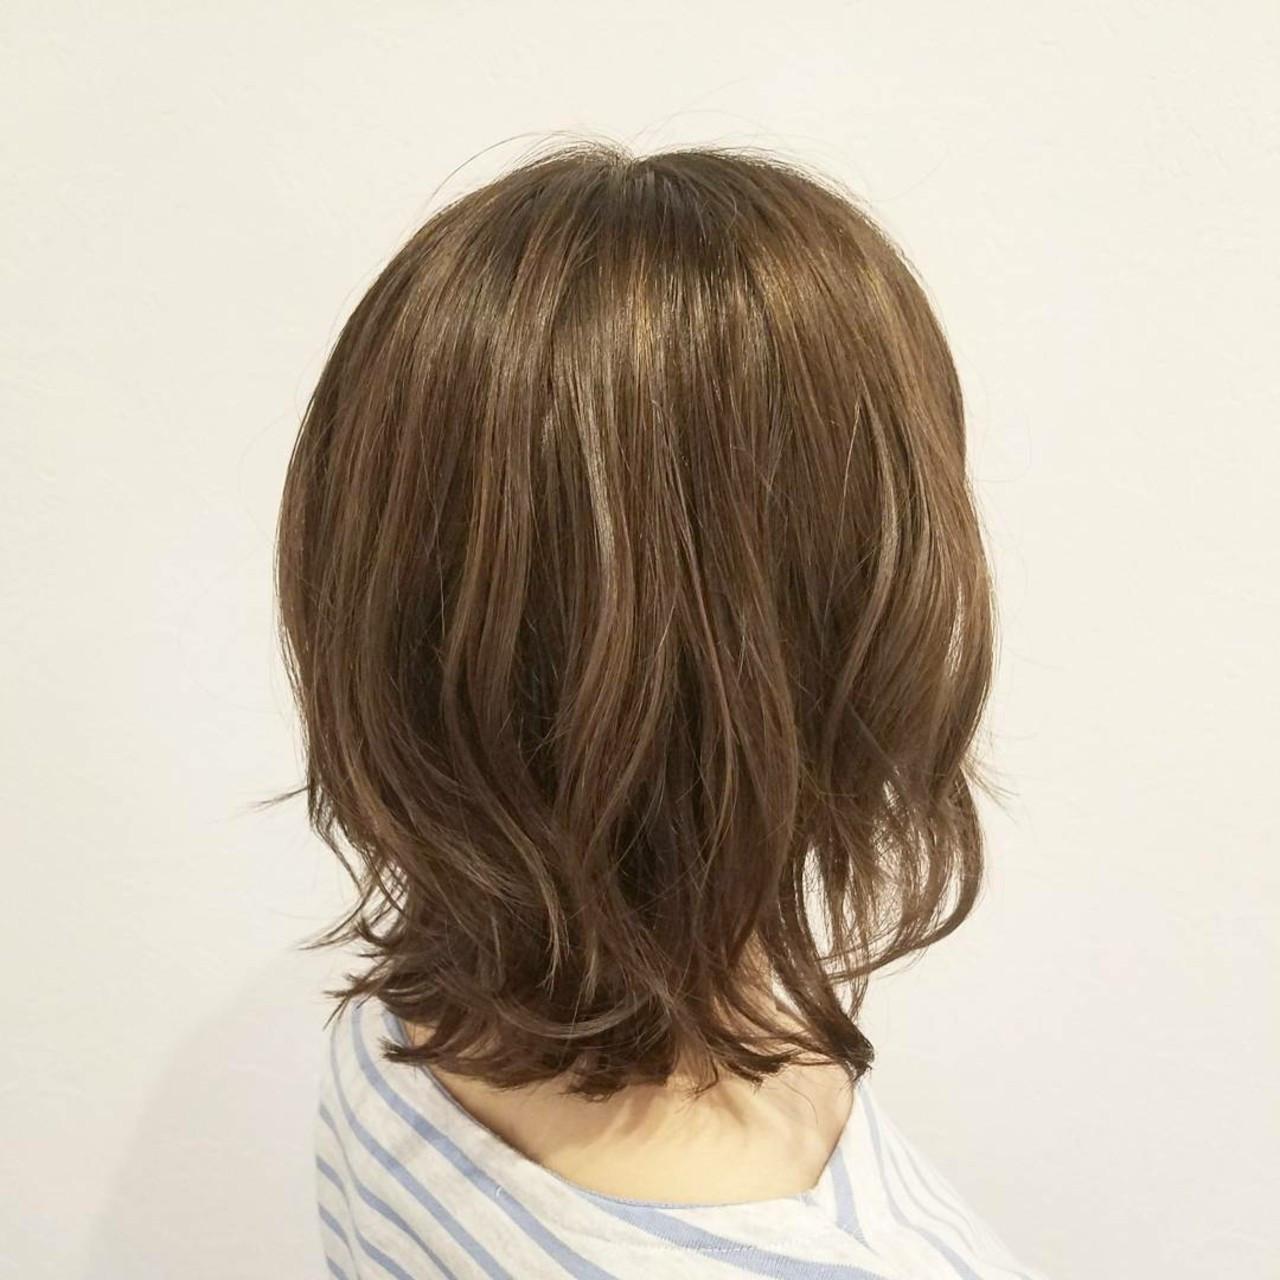 トレンド 外国人風 大人かわいい ボブ ヘアスタイルや髪型の写真・画像